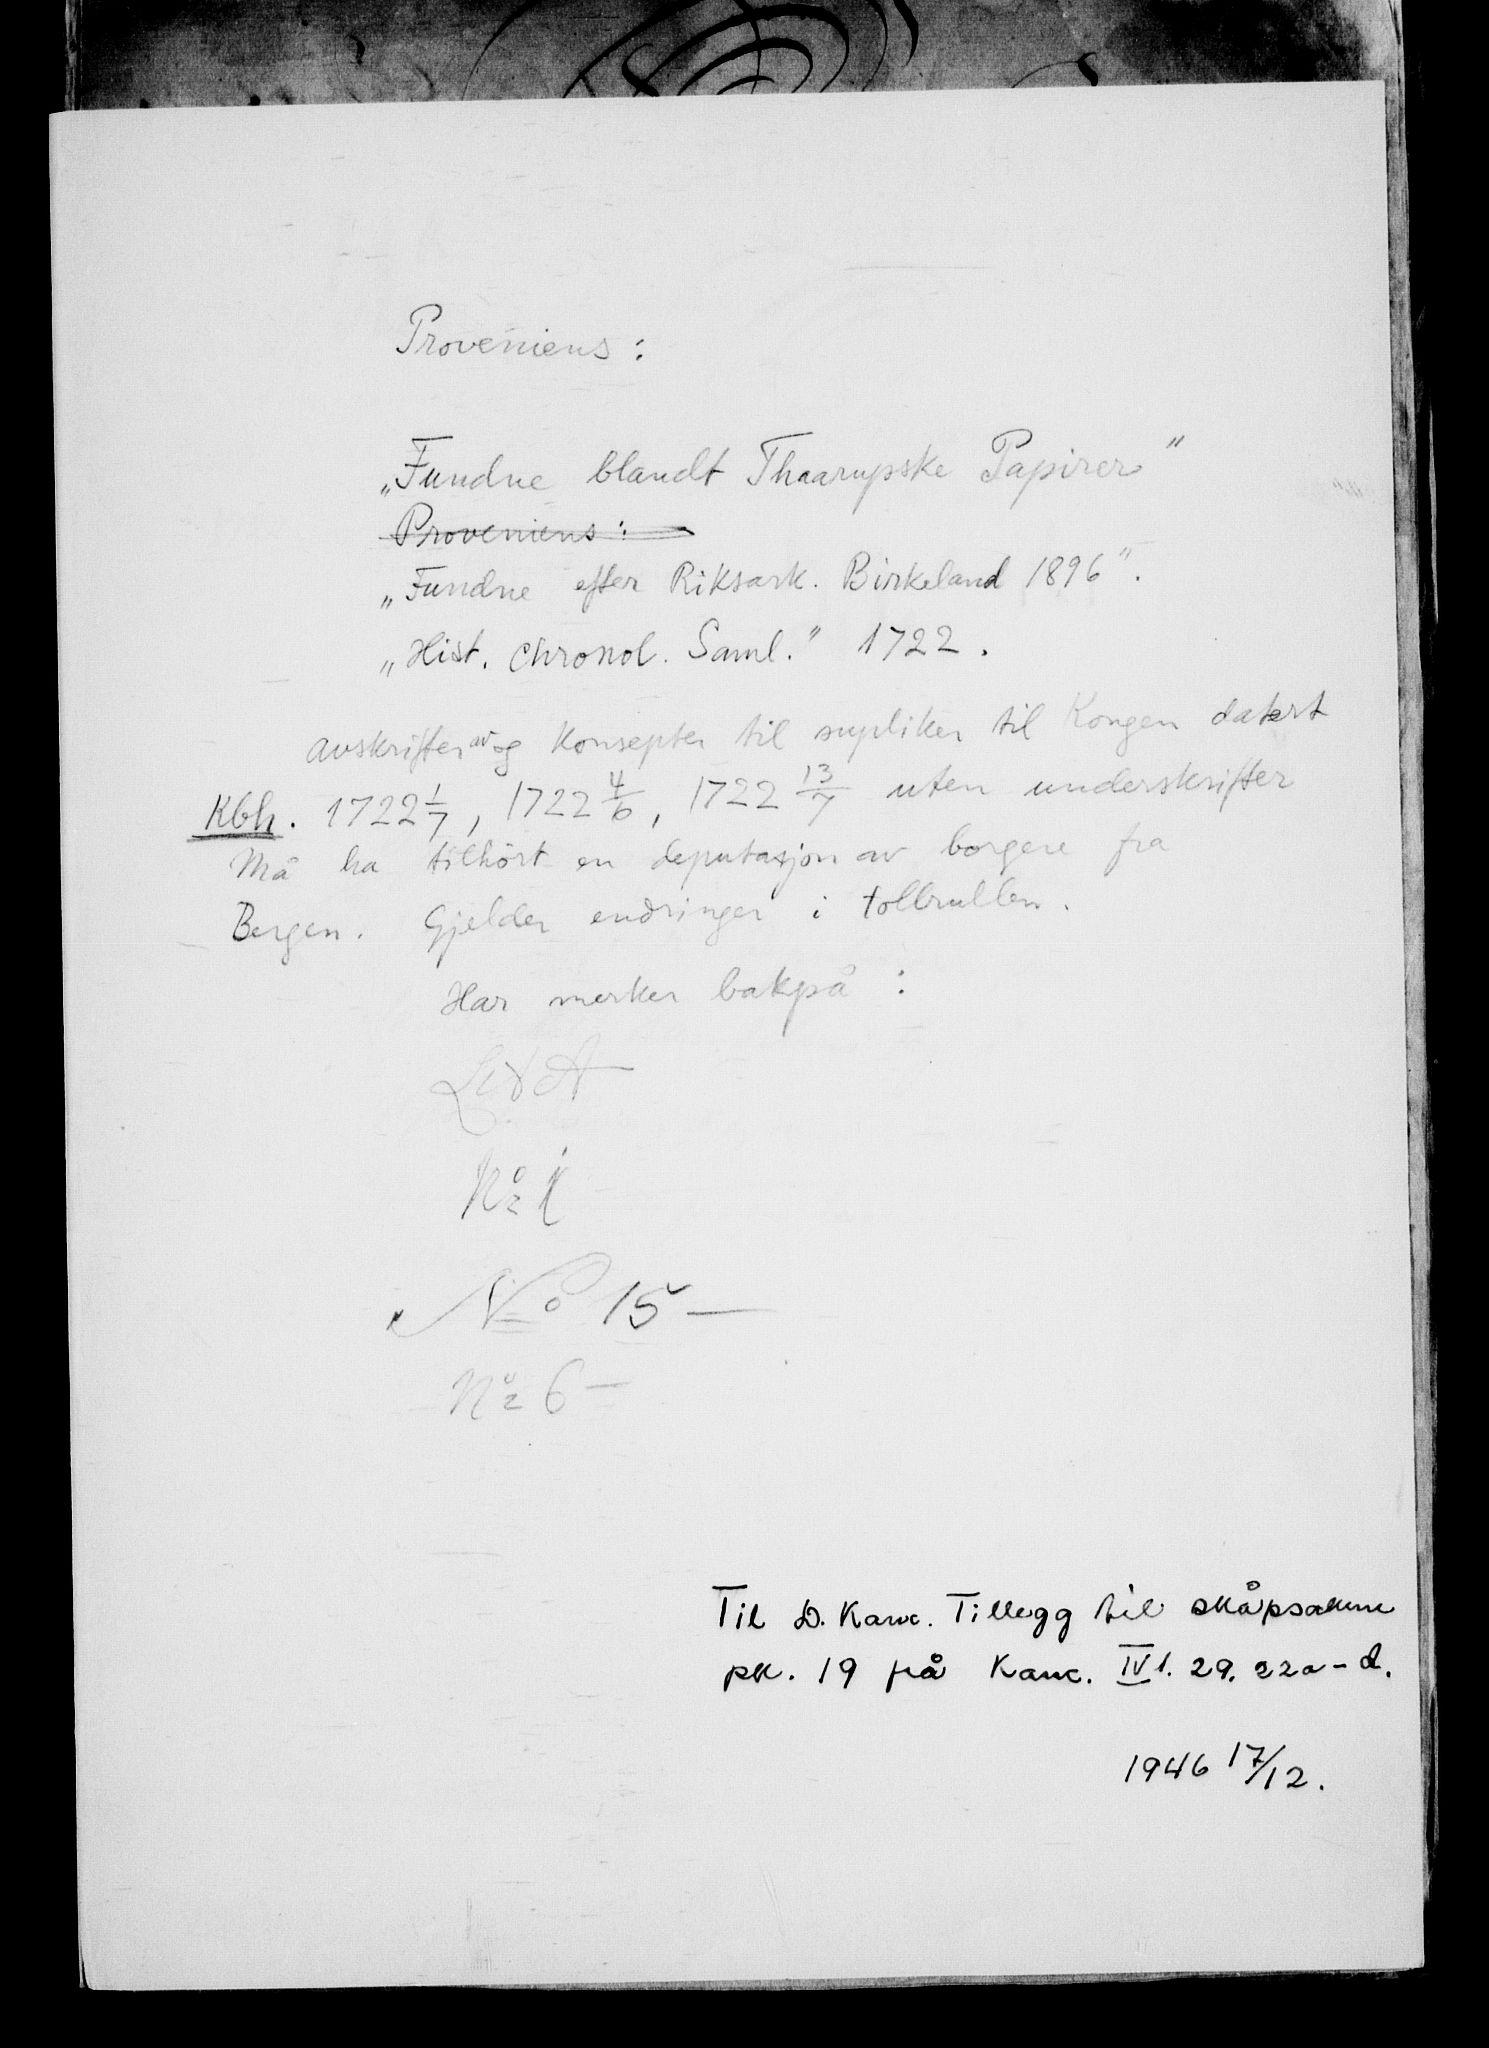 RA, Danske Kanselli, Skapsaker, G/L0019: Tillegg til skapsakene, 1616-1753, s. 2